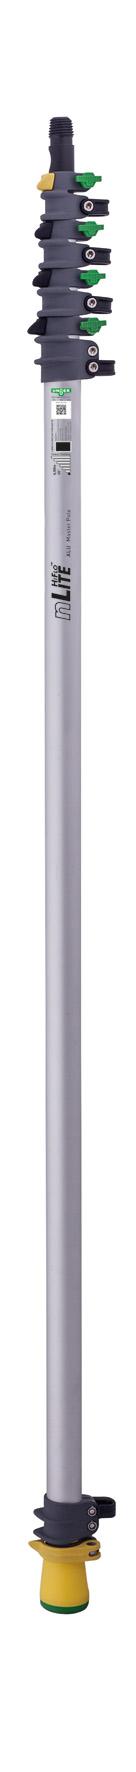 Unger - NLite Aluminium Basissteel